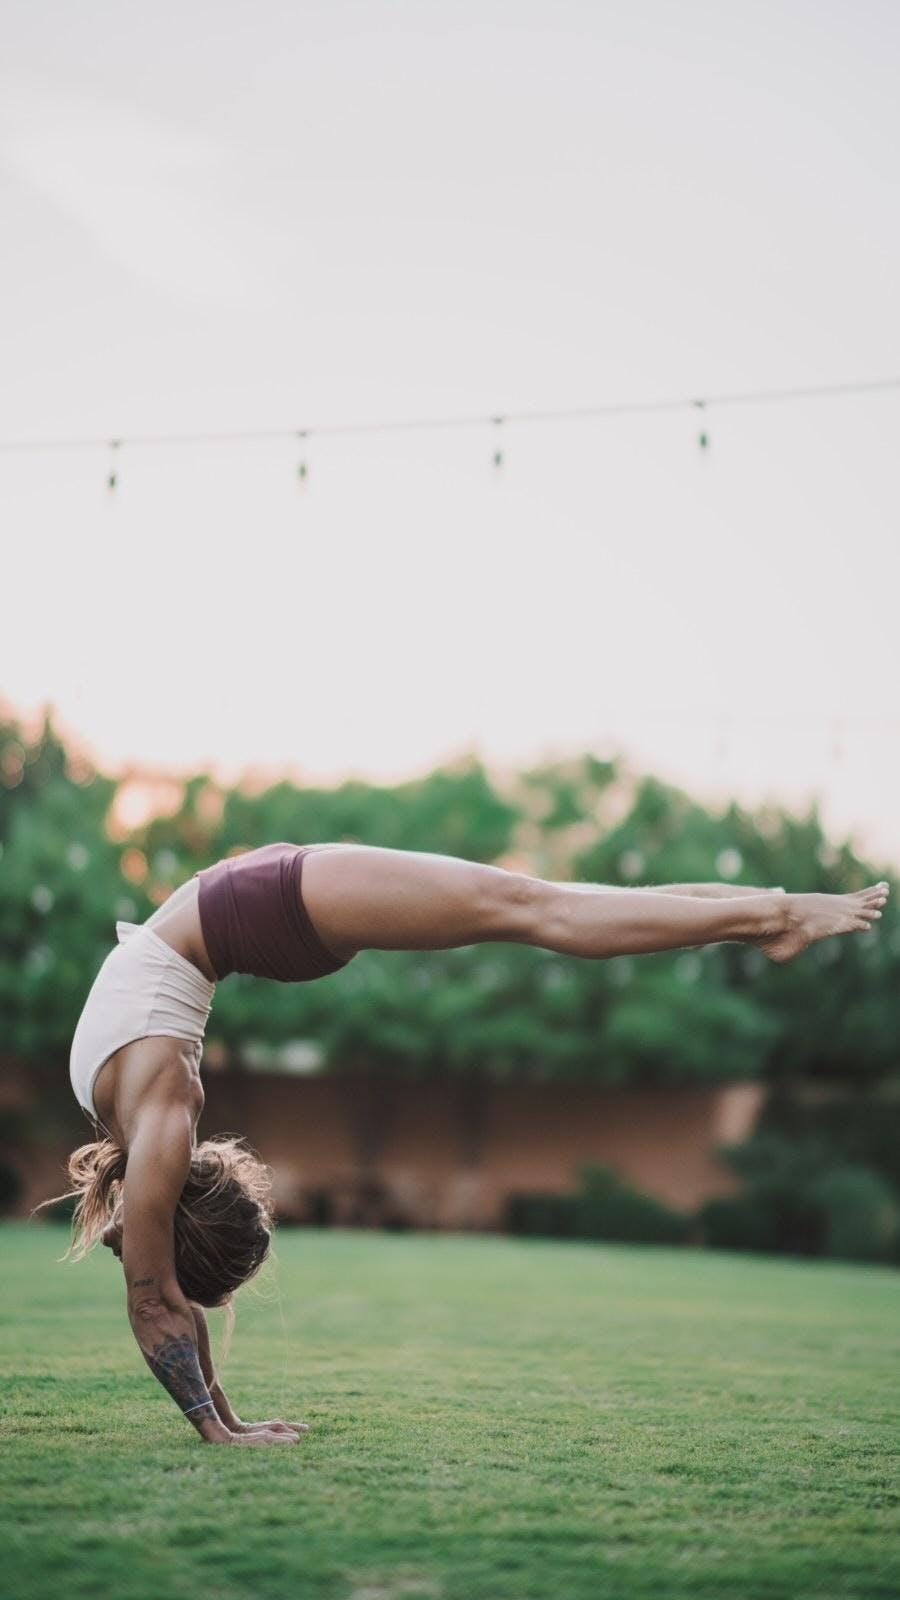 Let's get upside down!